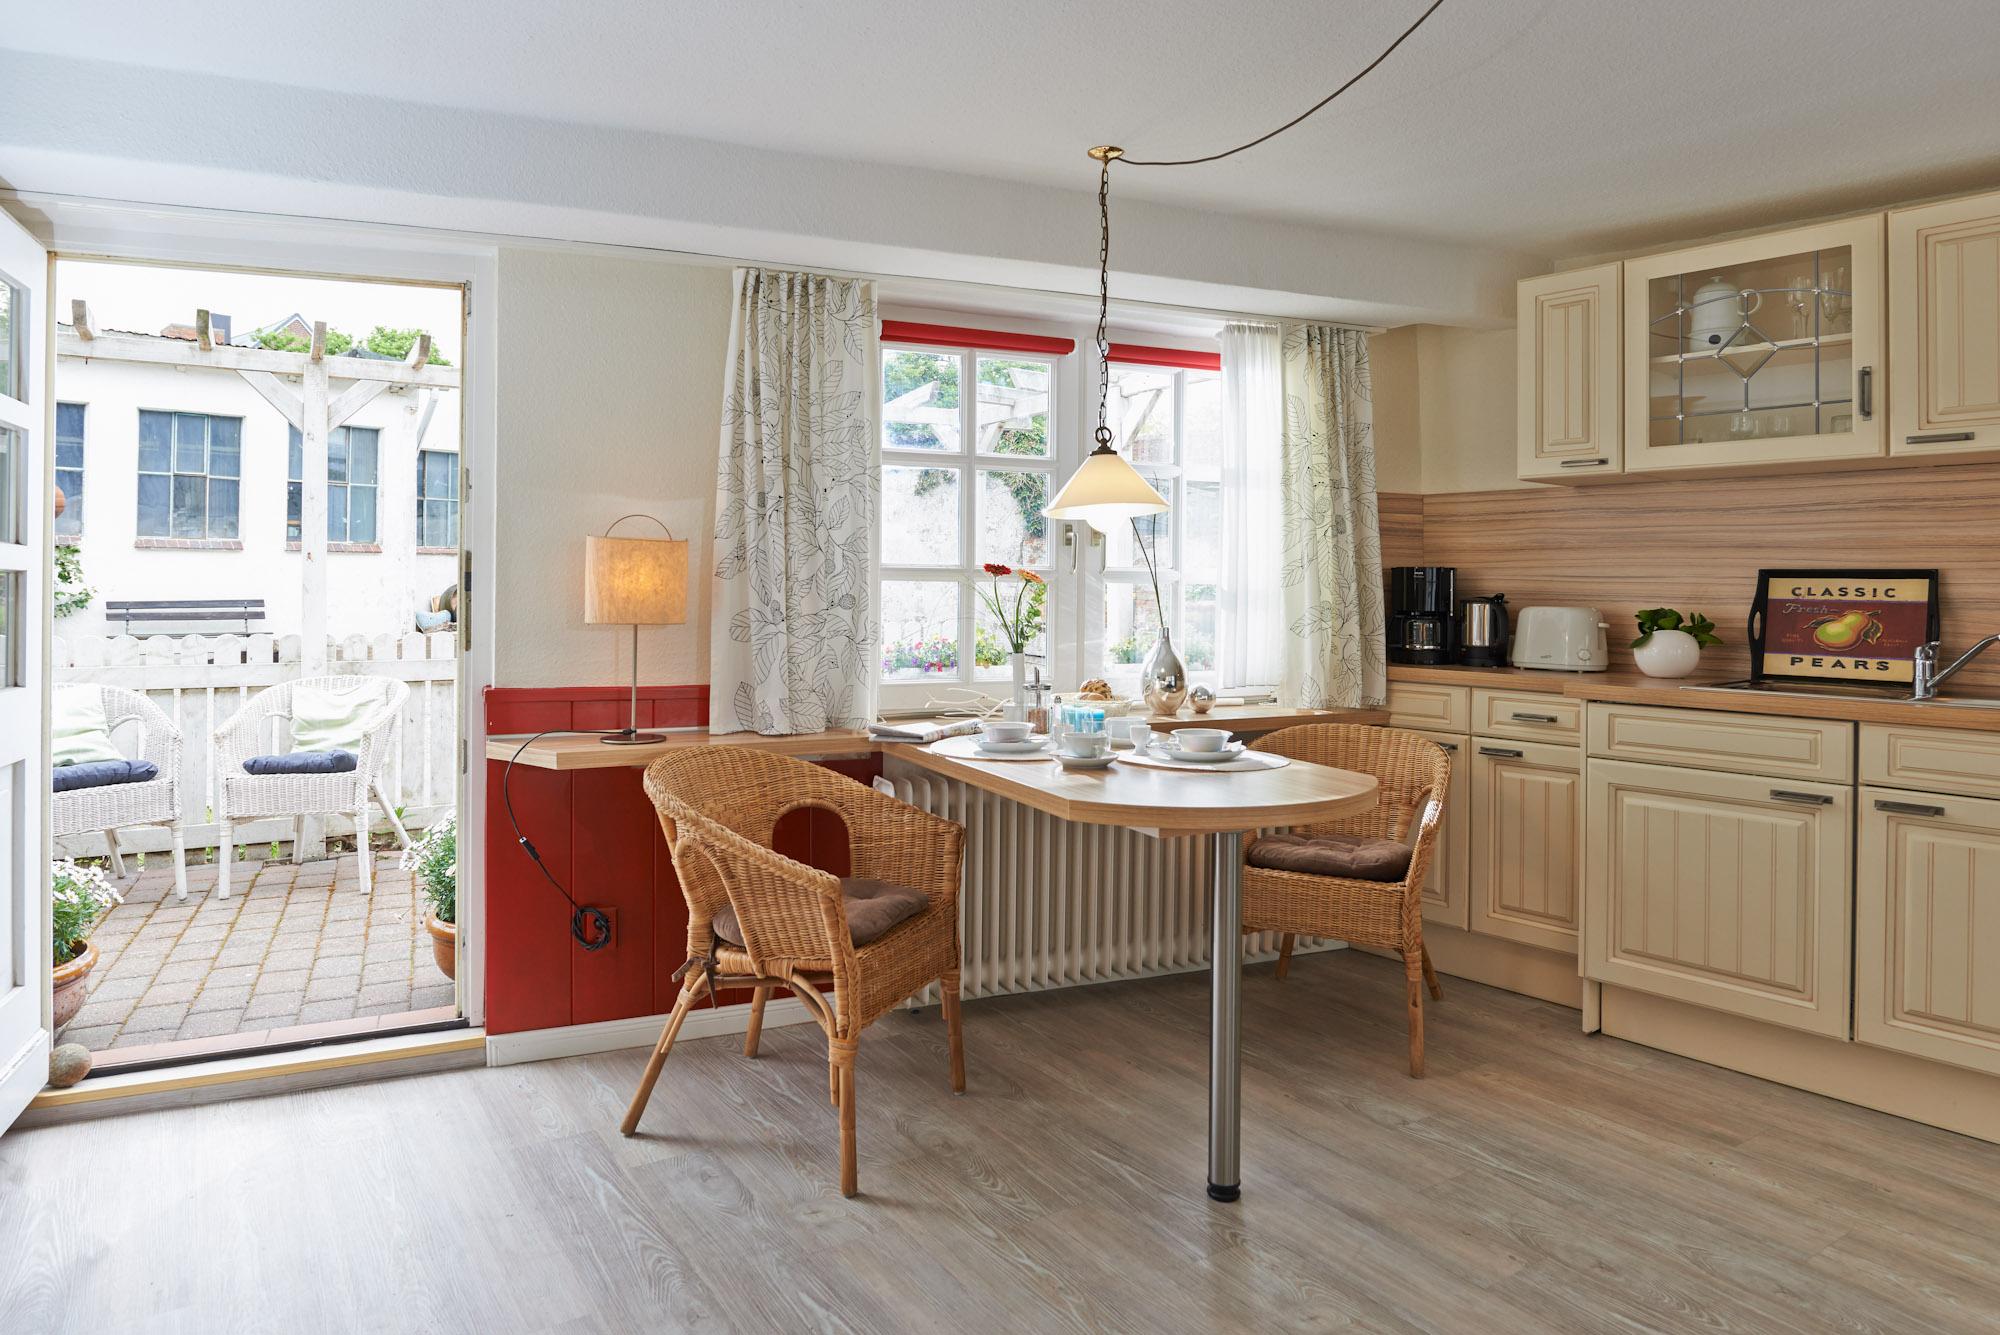 ferienwohnungen in husum. Black Bedroom Furniture Sets. Home Design Ideas